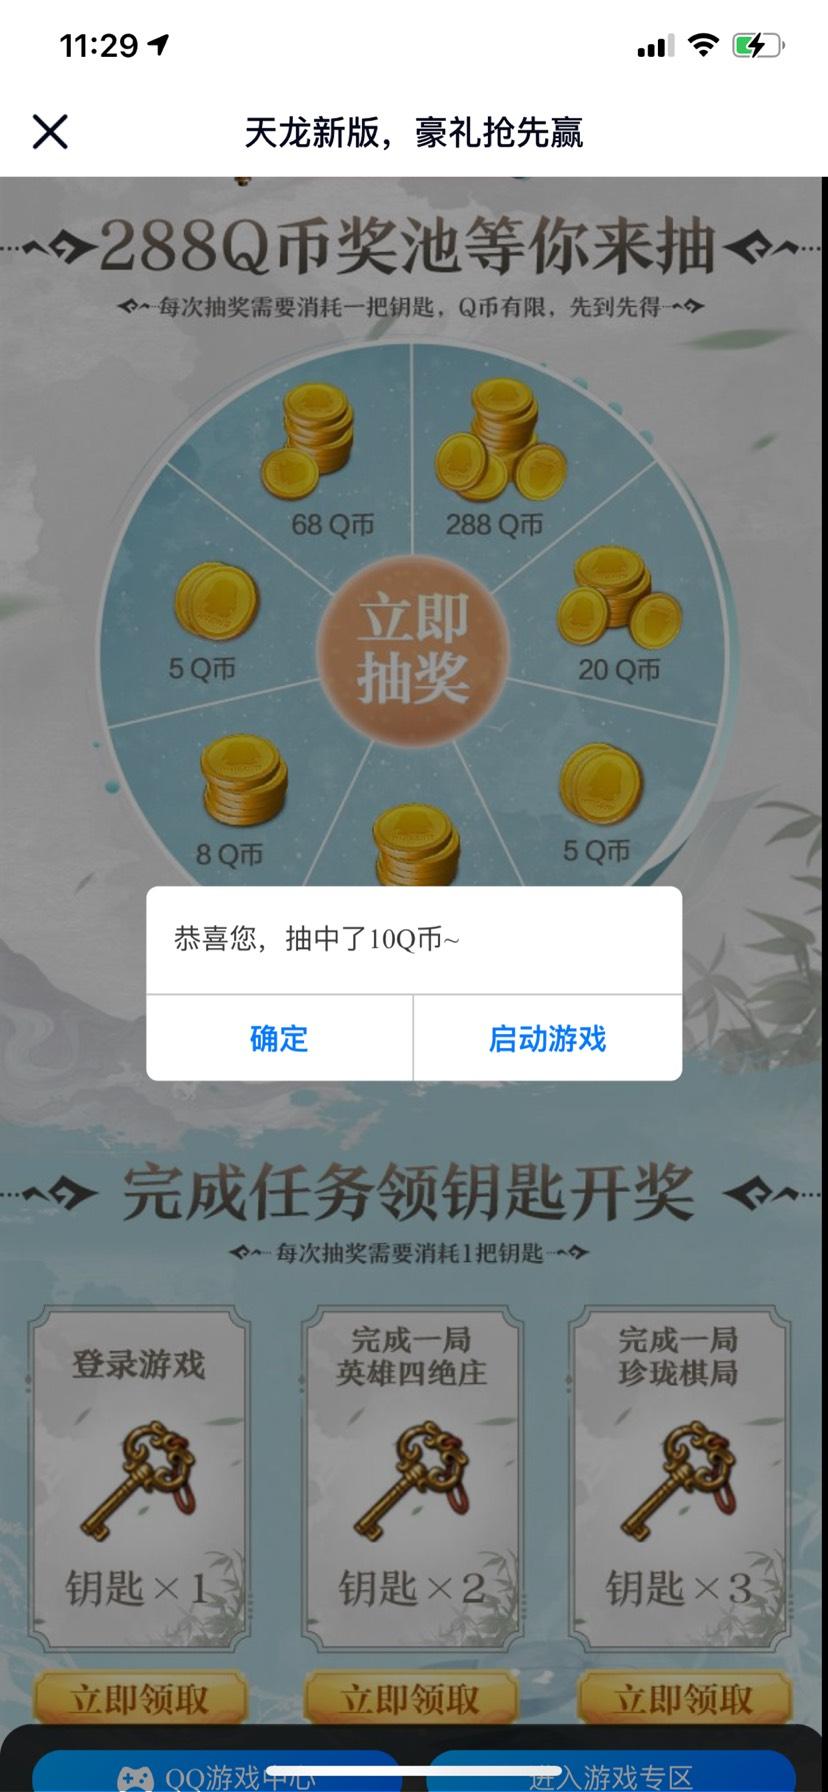 图片[1]-天龙八部手游抽Q币-老友薅羊毛活动线报网